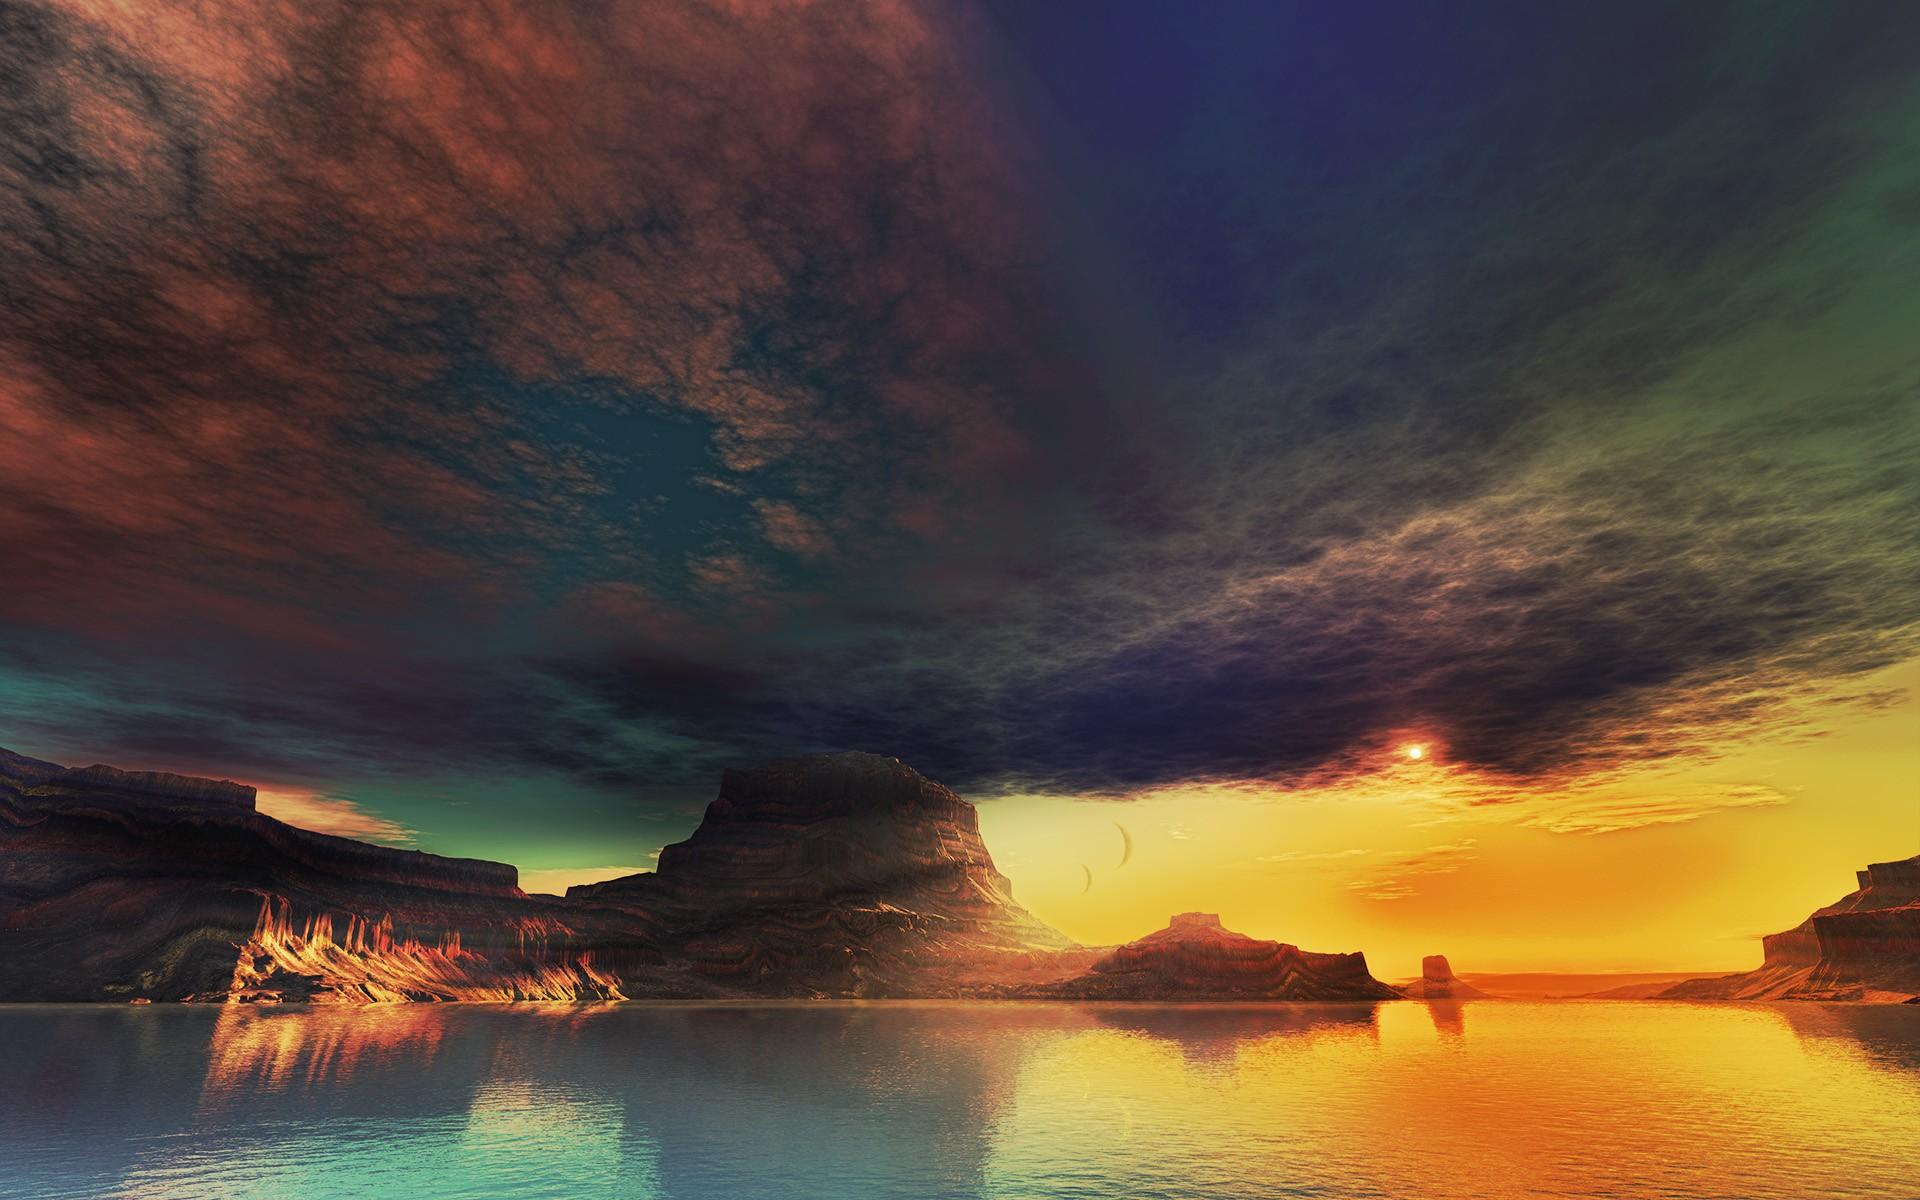 storm clouds wallpaper hd 29526